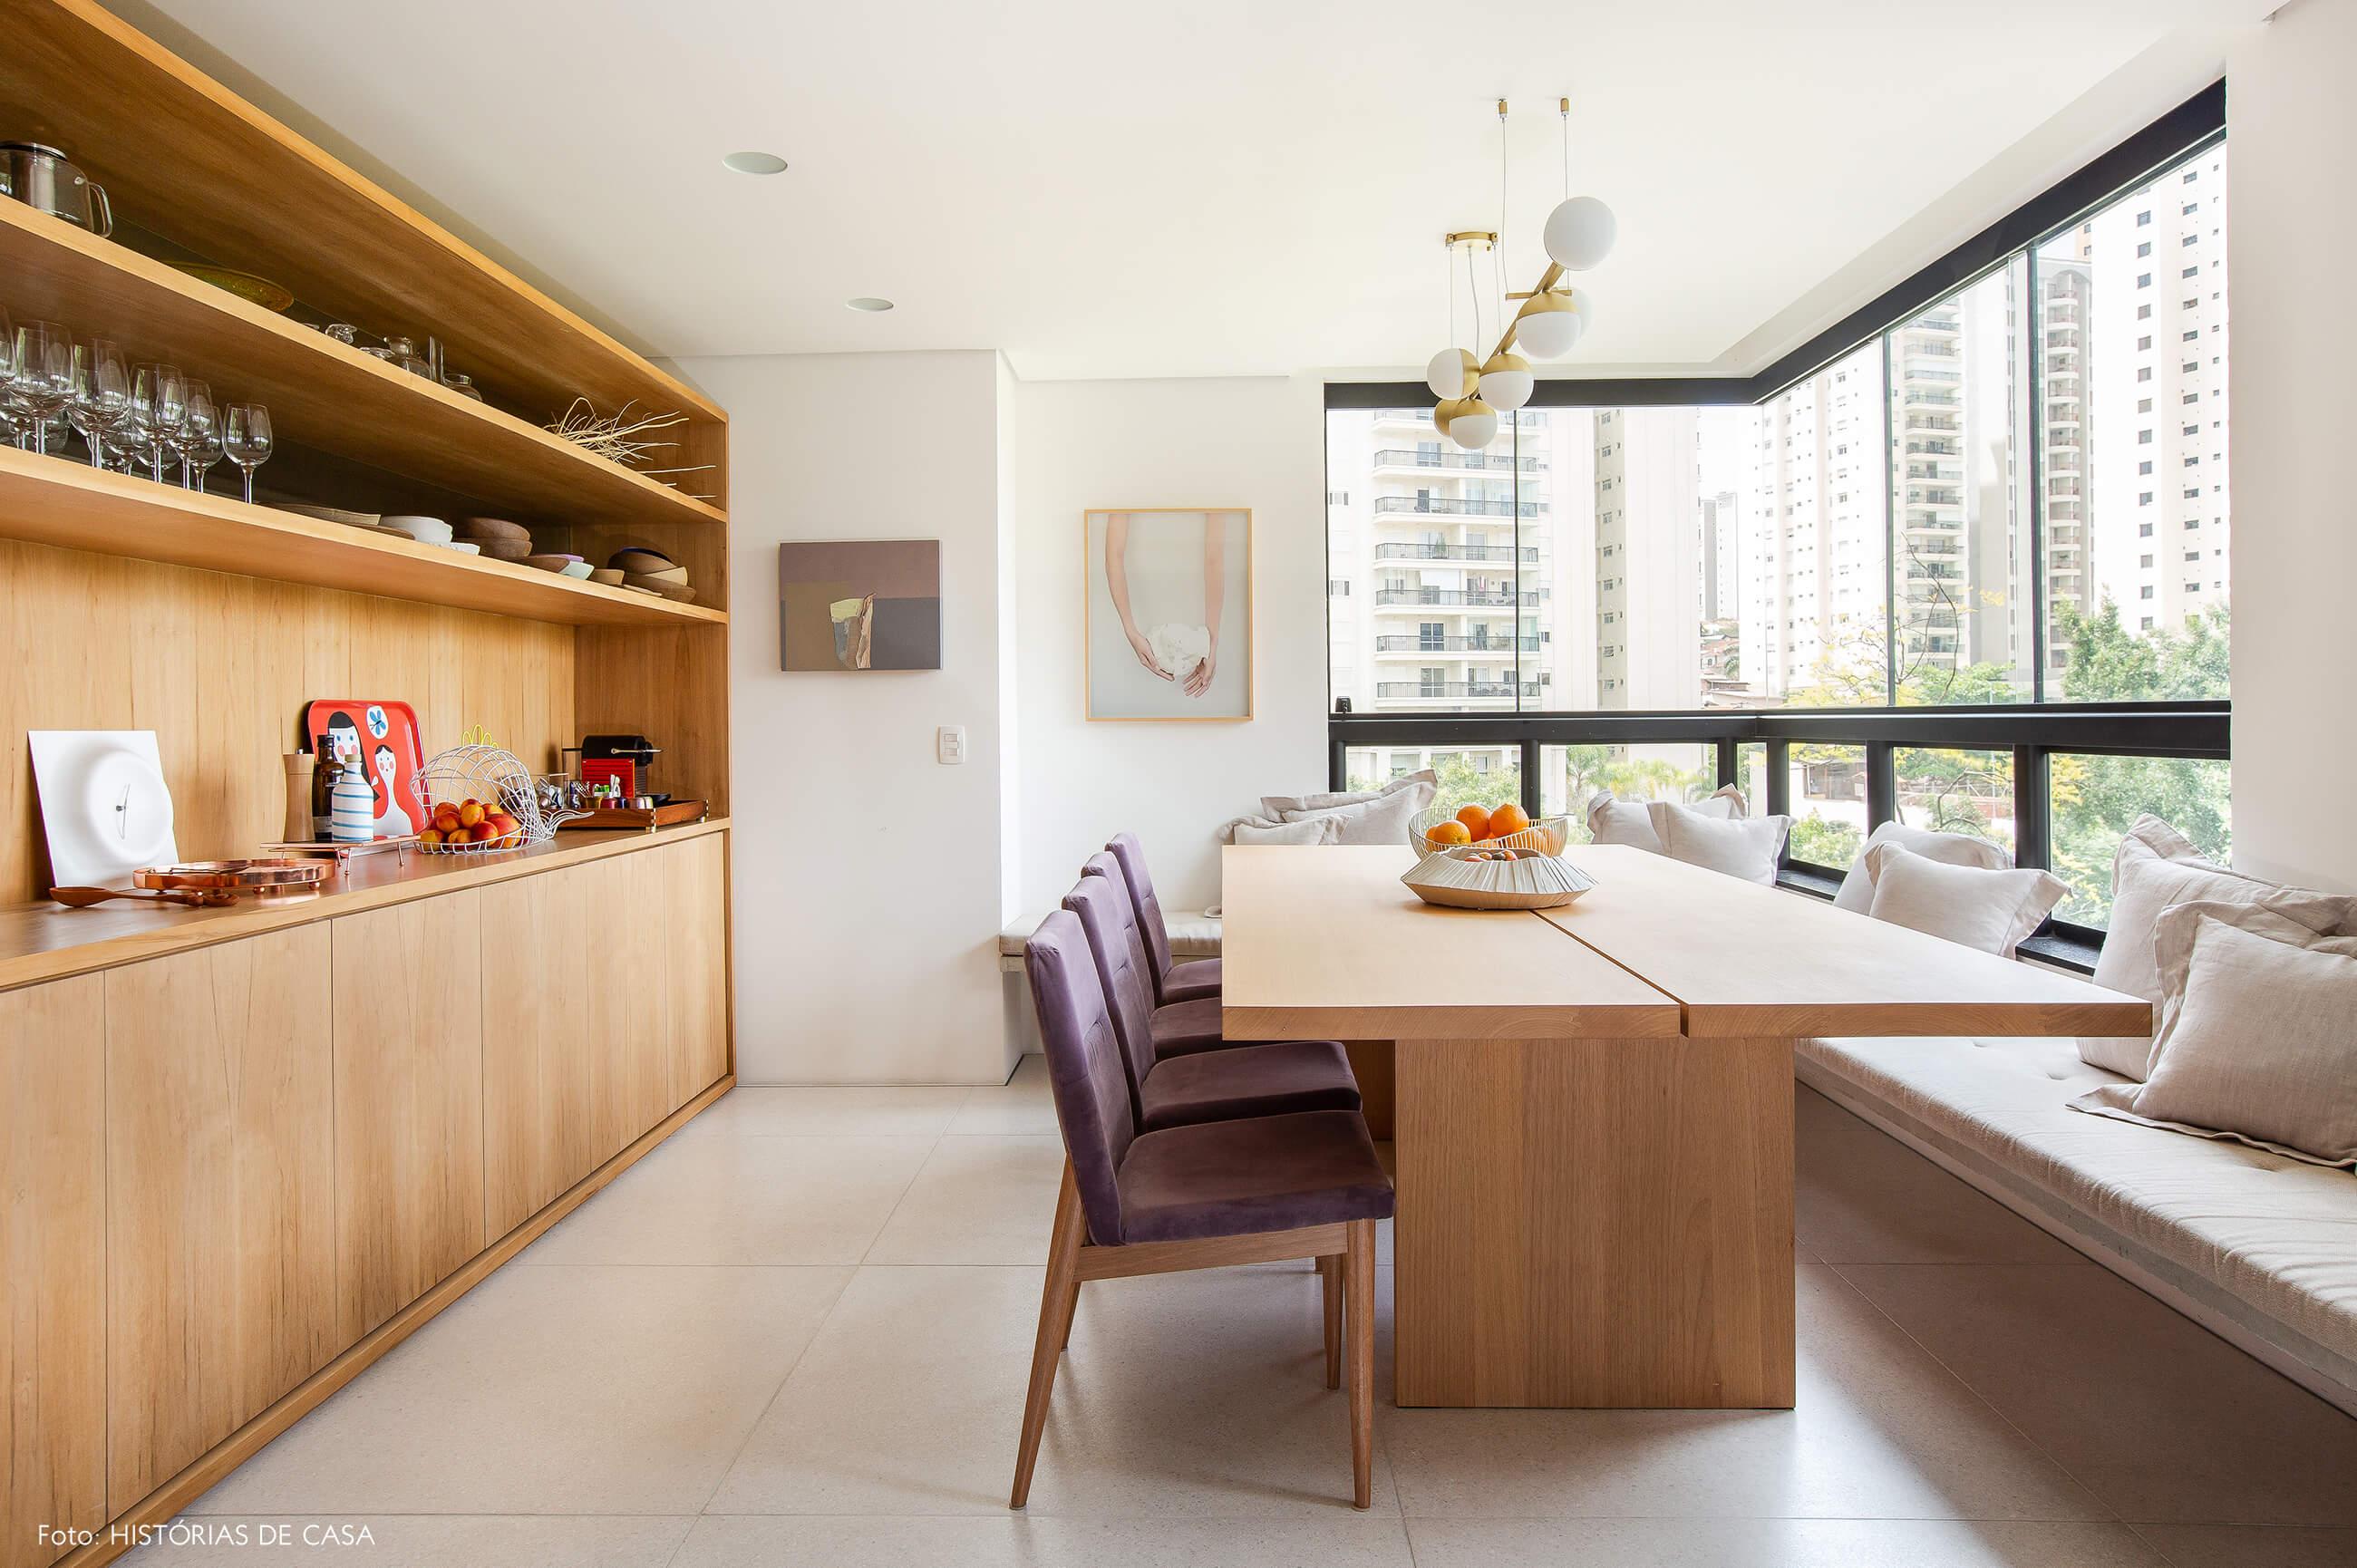 Sala de jantar na varanda com mesa de madeira